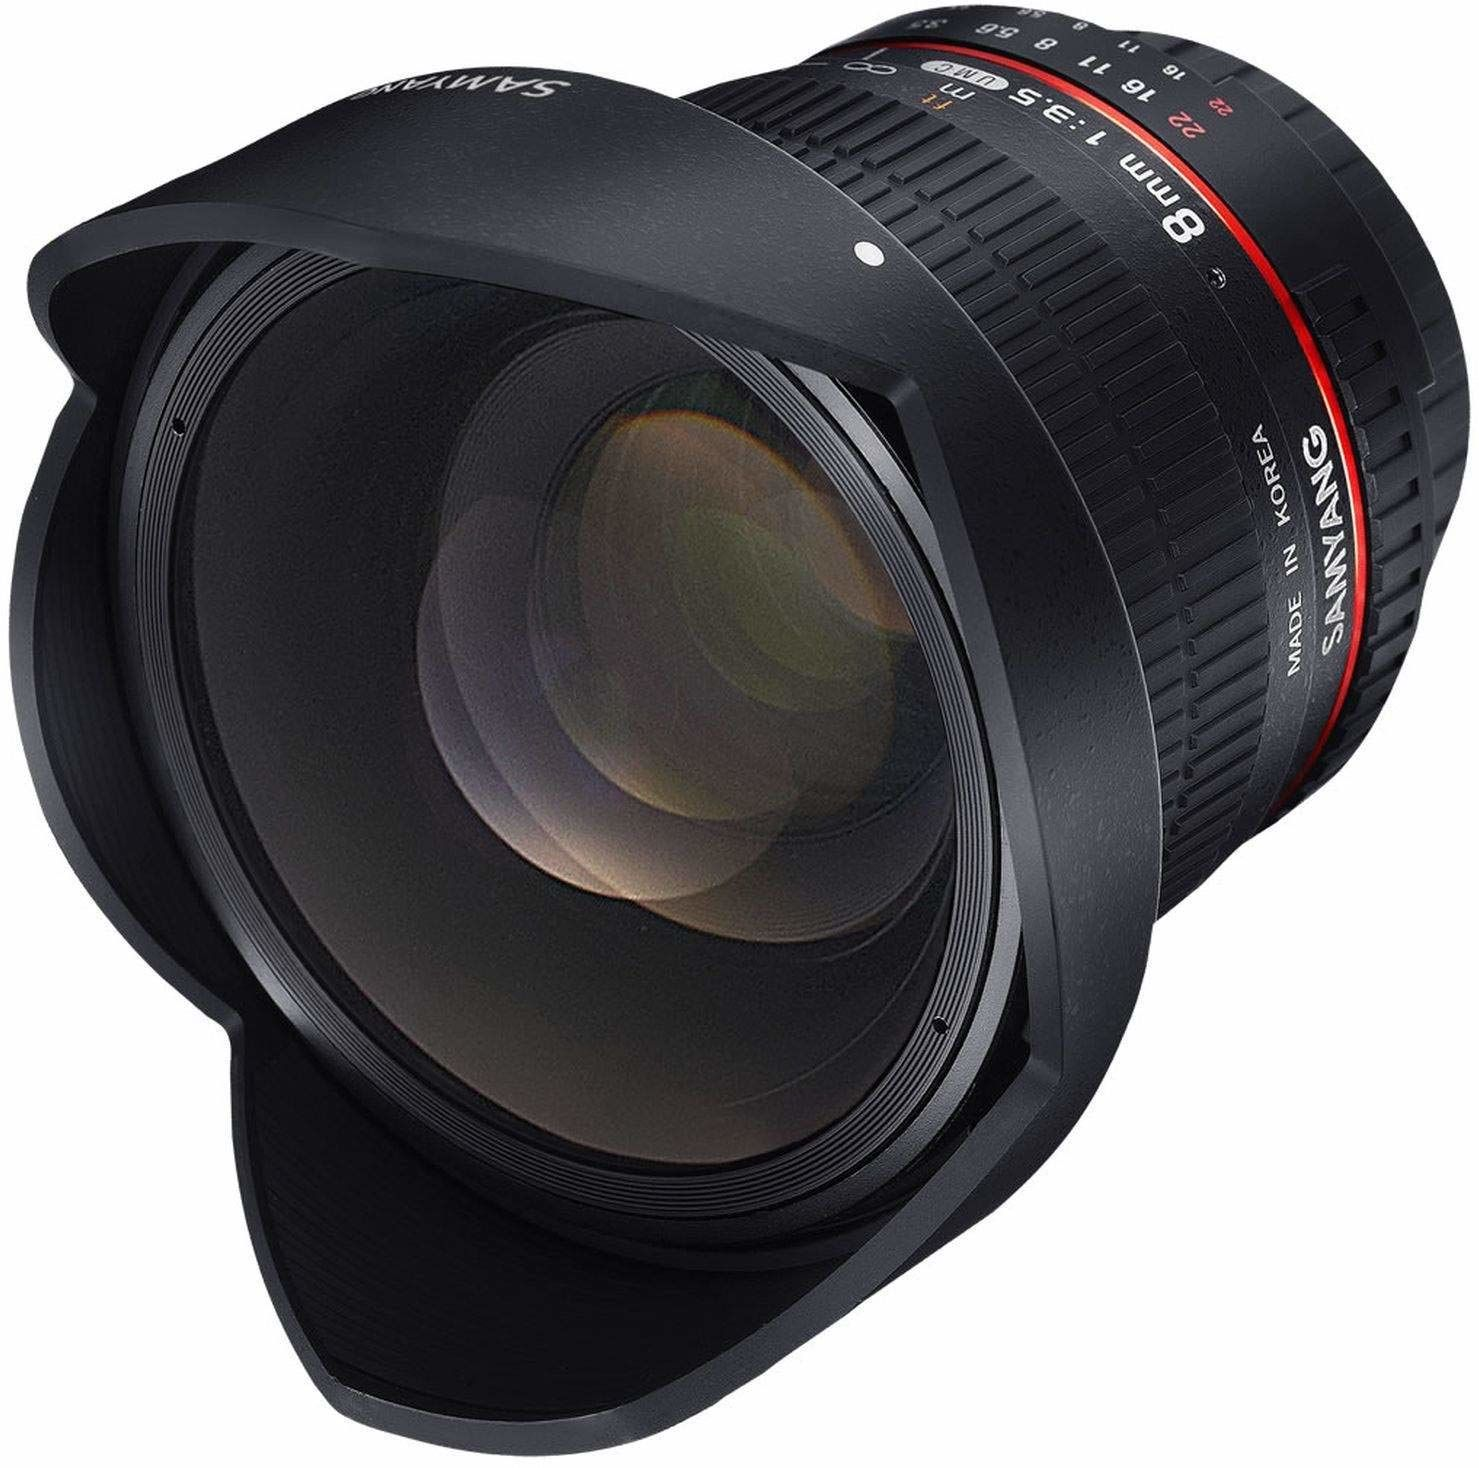 Samyang Obiektyw 8 mm F3.5 CS II do podłączenia Pentax K